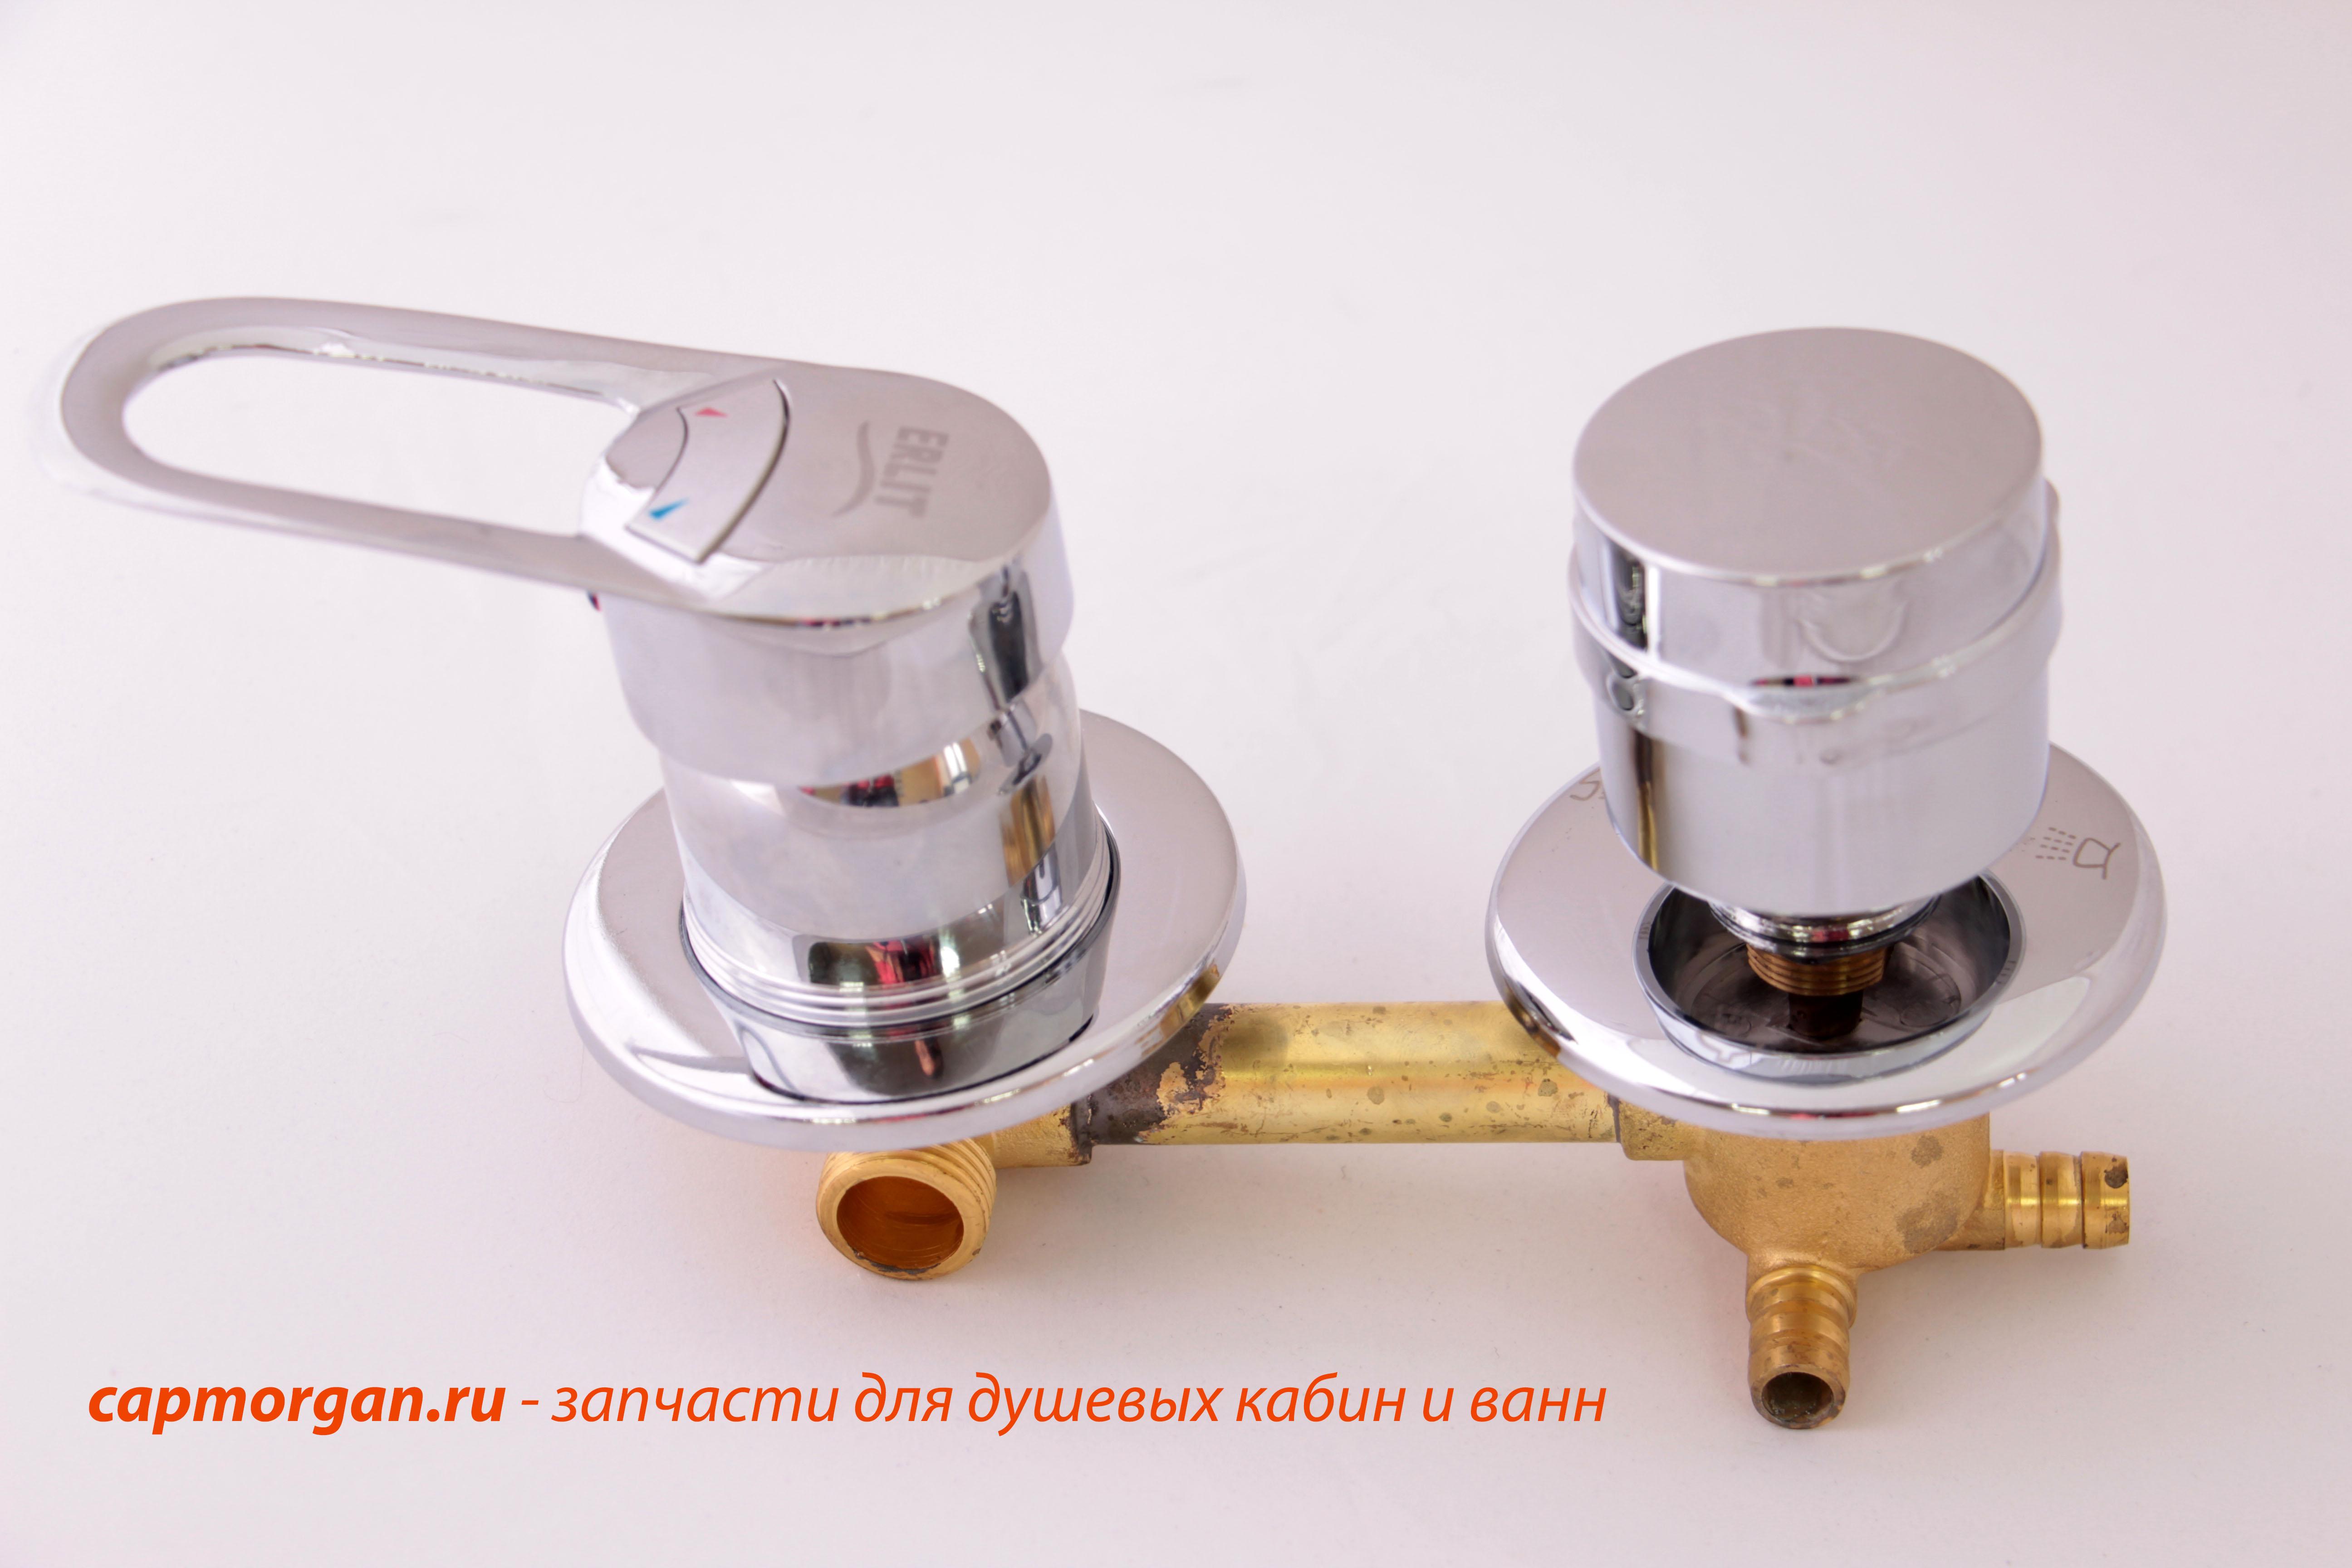 Смеситель на 3 положения купить в смеситель с выдвижной лейкой grohe